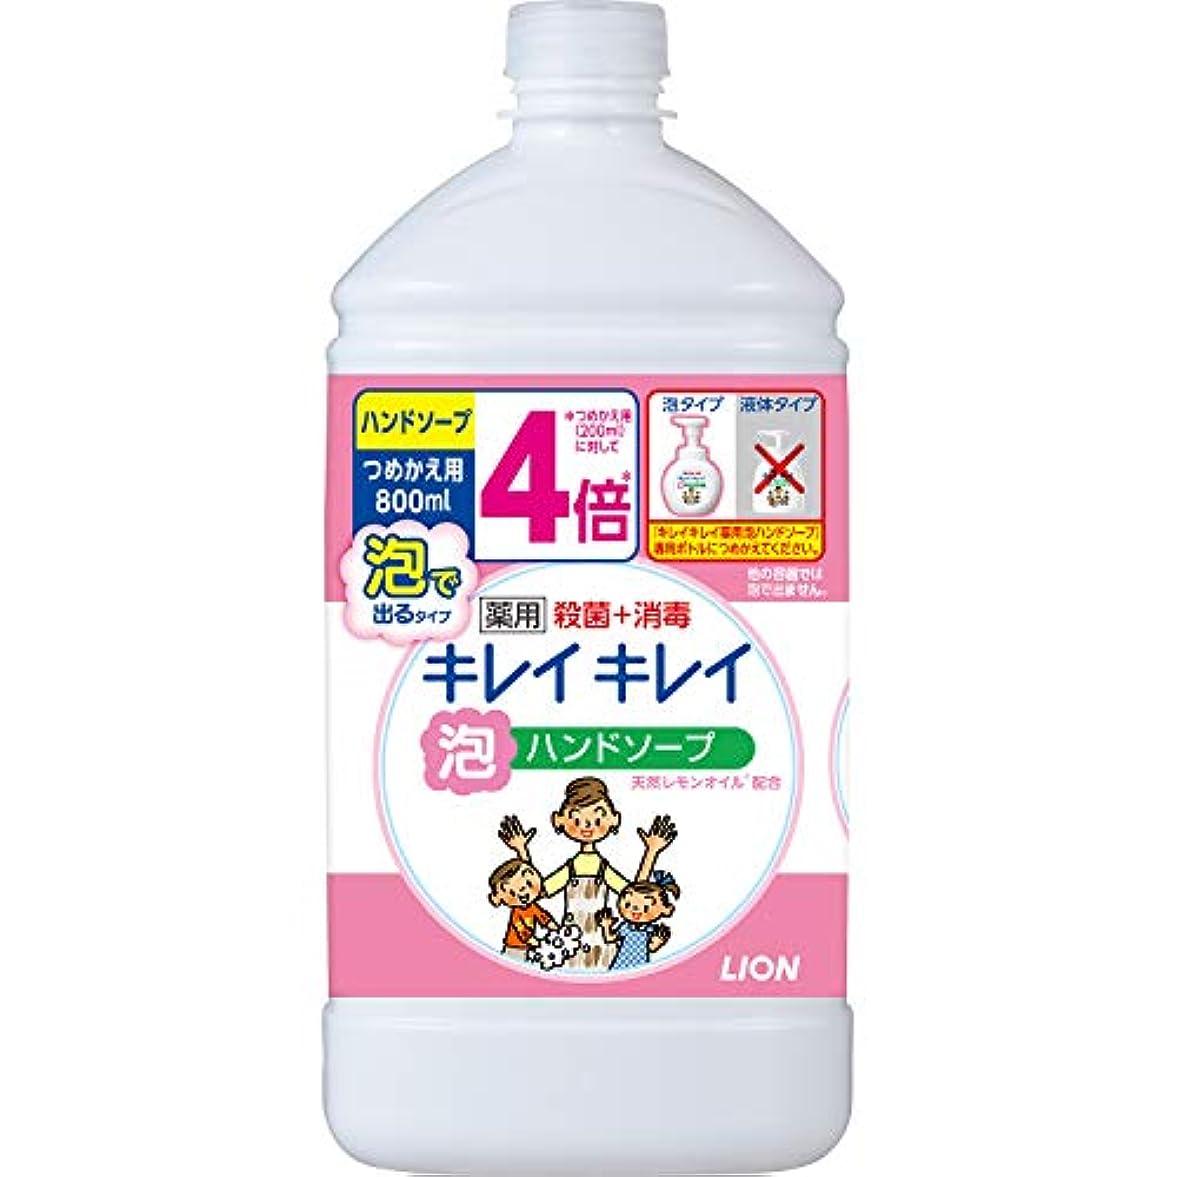 クライアントうれしいにやにや(医薬部外品)【大容量】キレイキレイ 薬用 泡ハンドソープ シトラスフルーティの香り 詰替特大 800ml